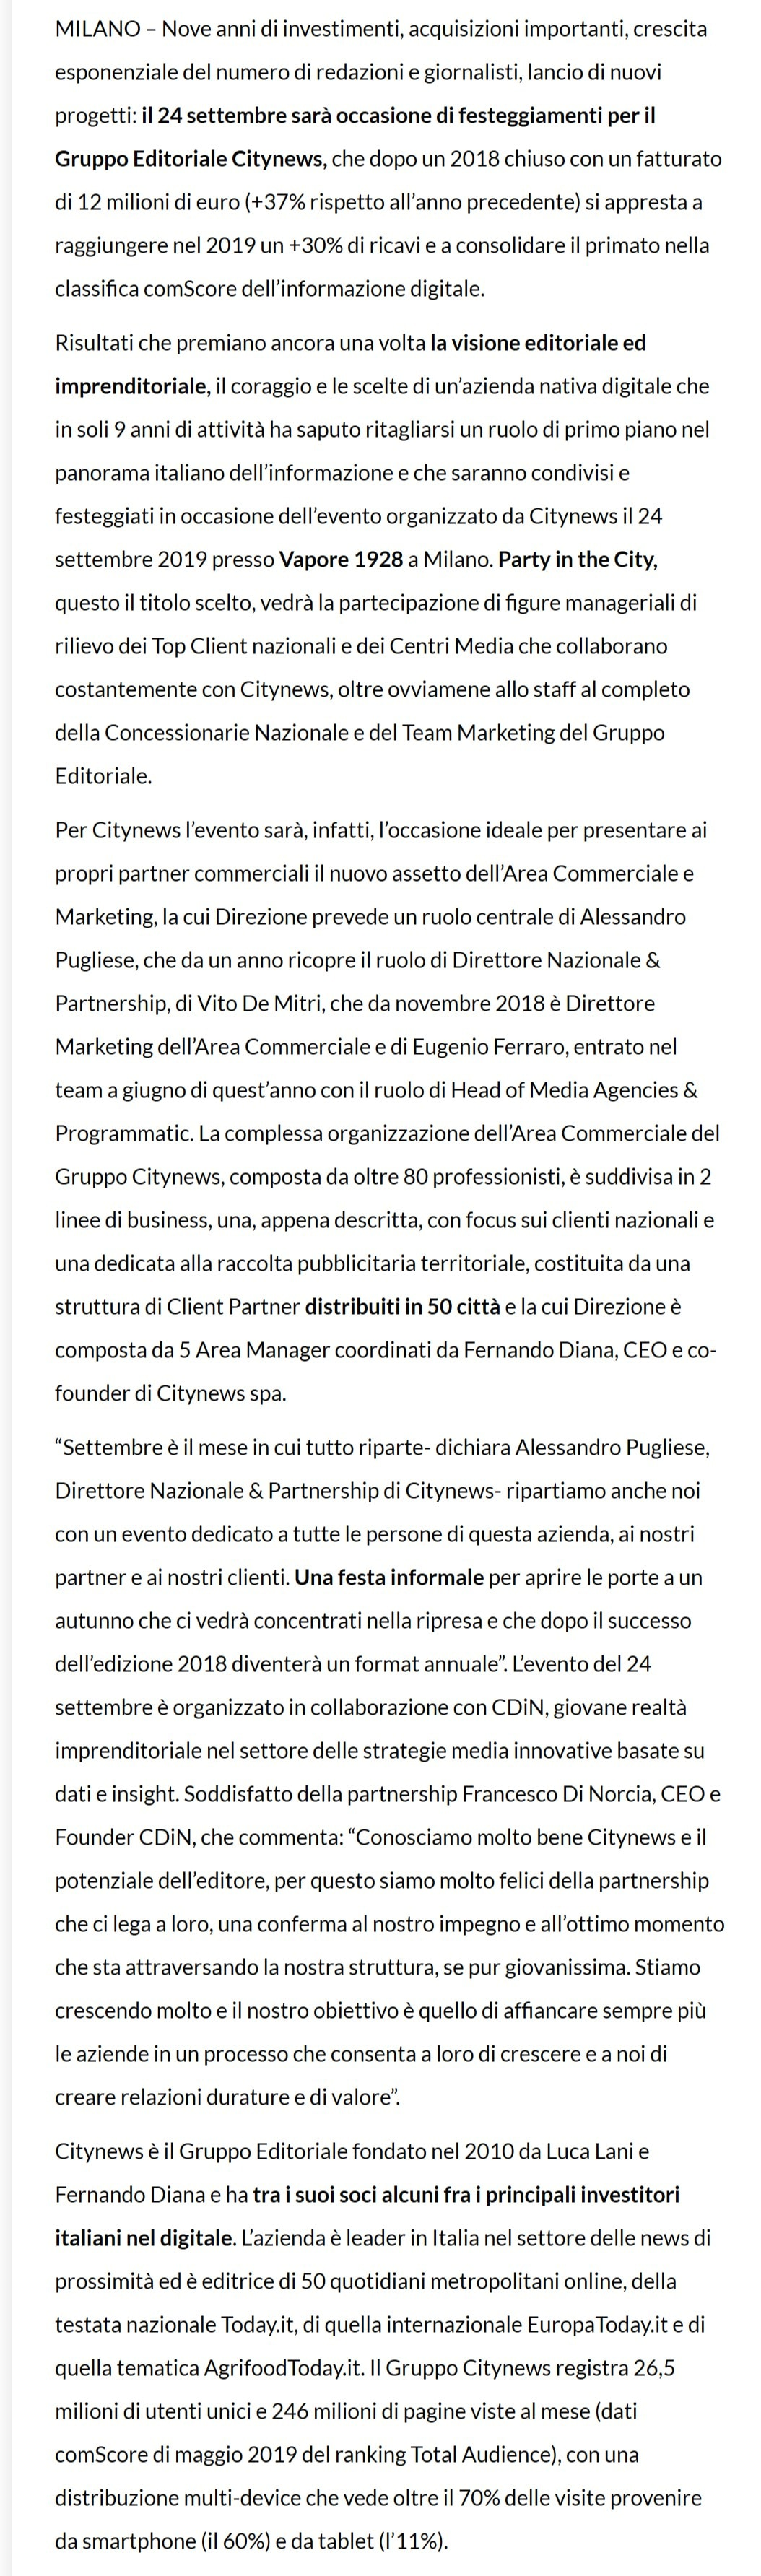 Citynews cresce e il 24 festeggia a Milano nove anni - Dire.it, 20 settembre 2019-2